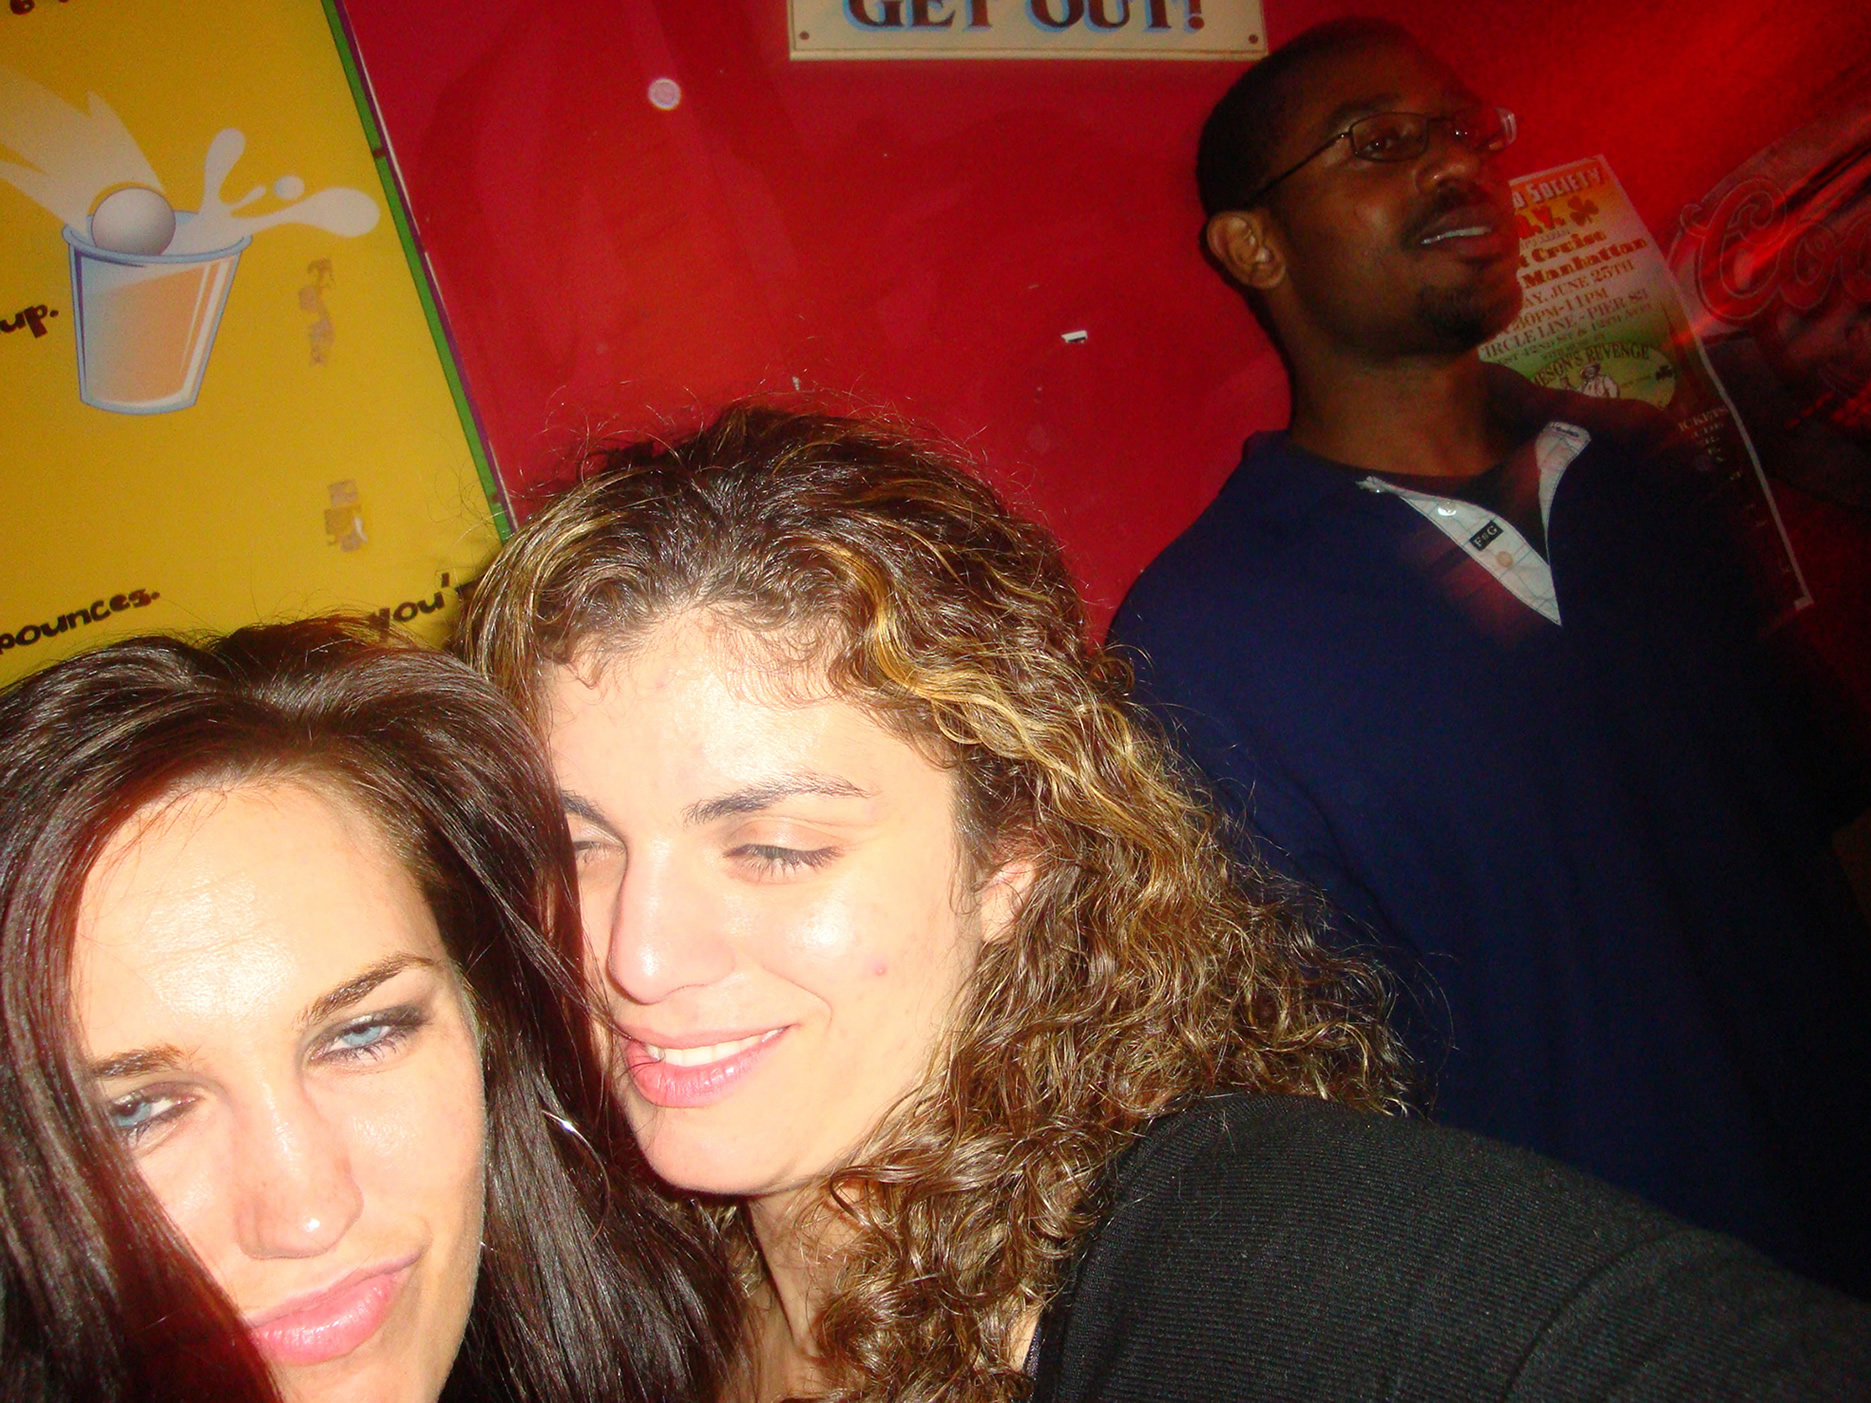 drunkgirls3.jpg